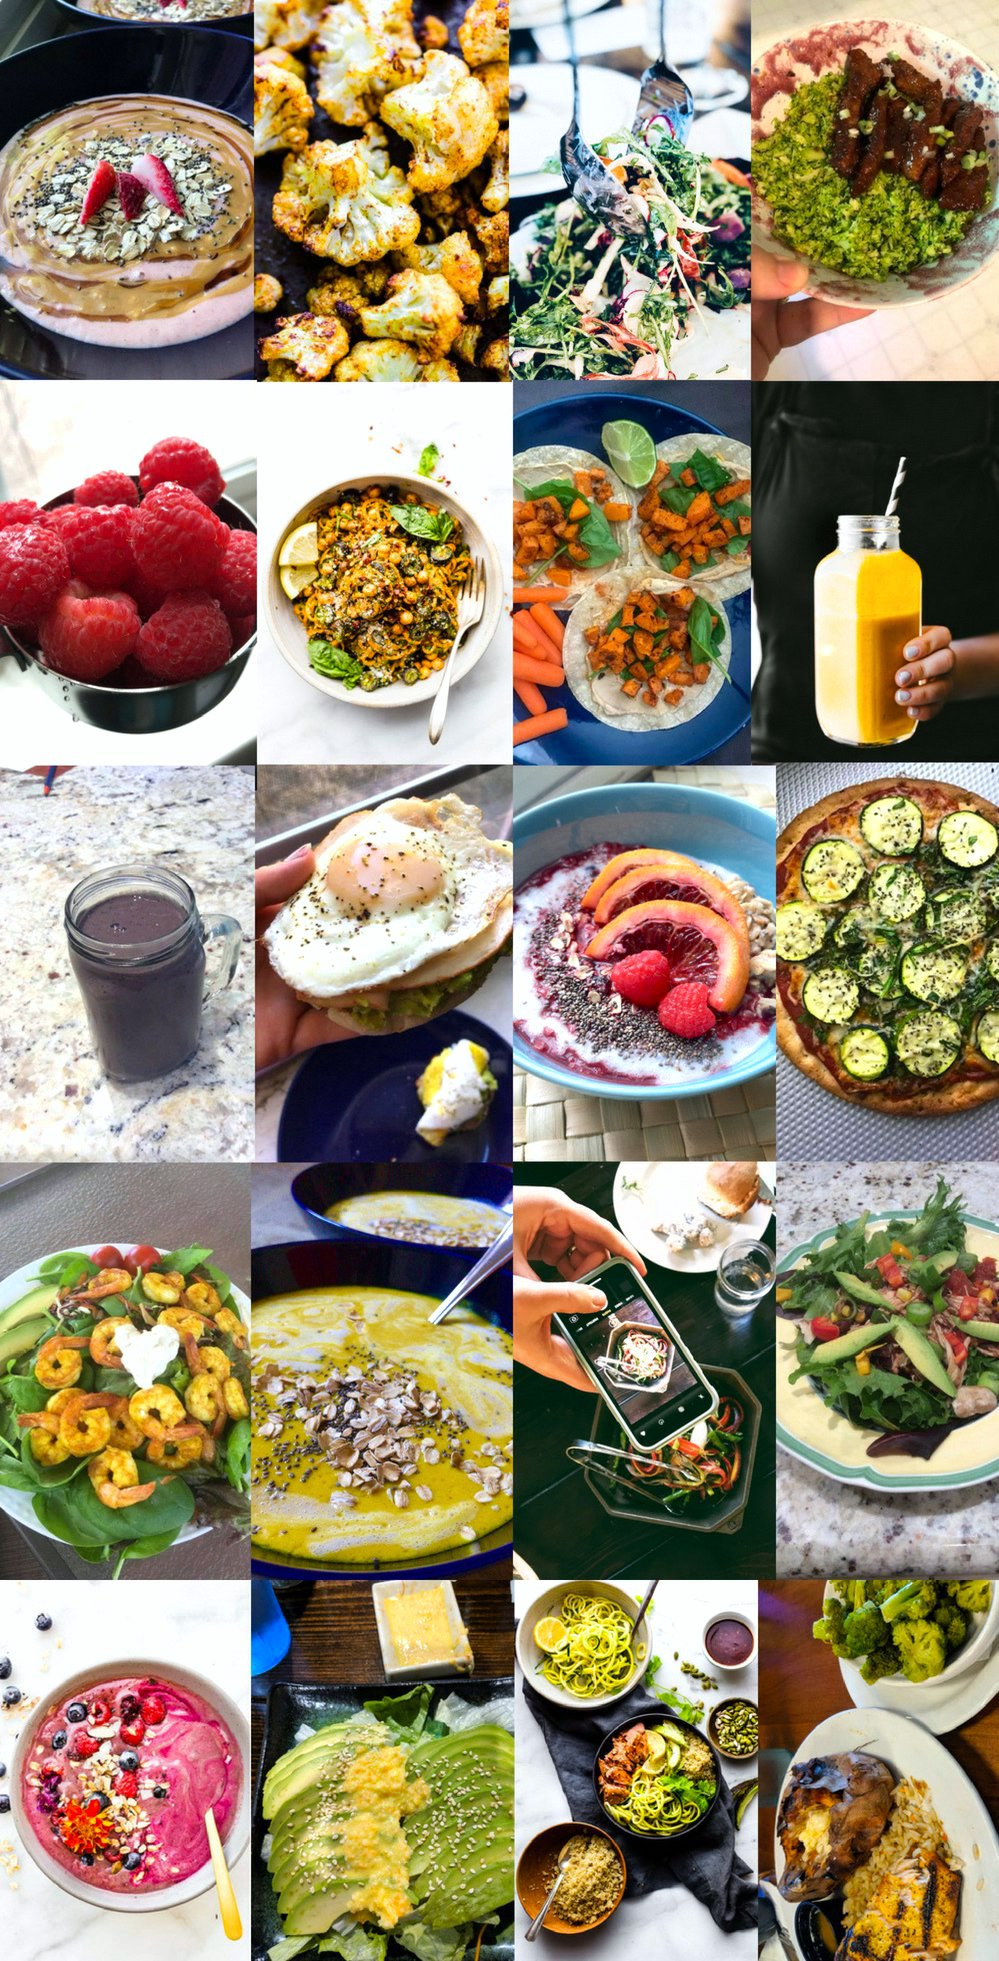 Superfoods Meal Plan Challenge - recap meals #mealplan #challenge #superfoods #glutenfree